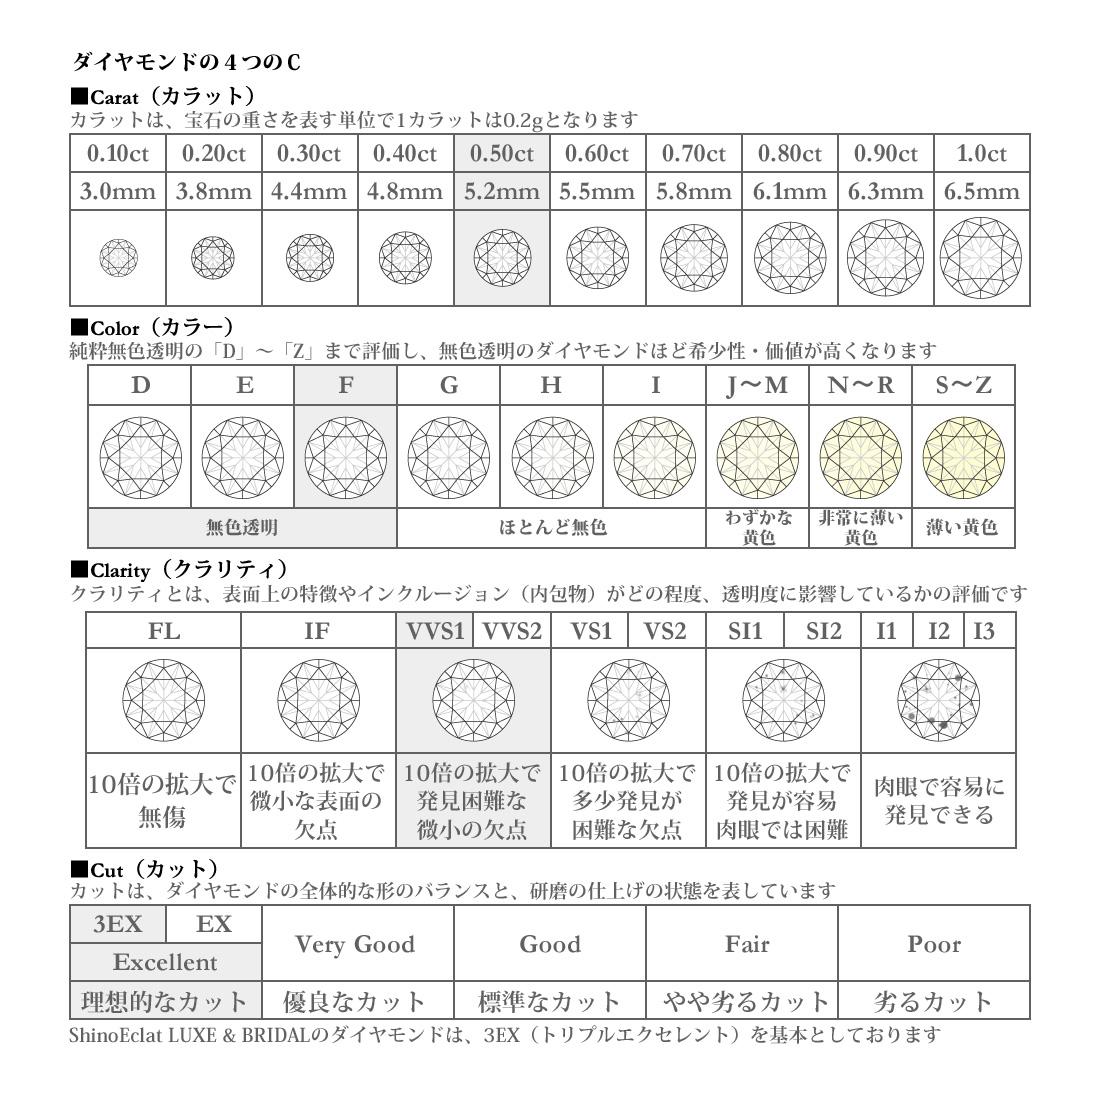 """10%OFF! 楽天スーパーセール  9/4 20:00から  Pt ダイヤモンド ネックレス 一粒  """"Quatre(キャトル)"""" 0.5ct F VVS1 3EX H&C 鑑定書付 0.5カラット"""